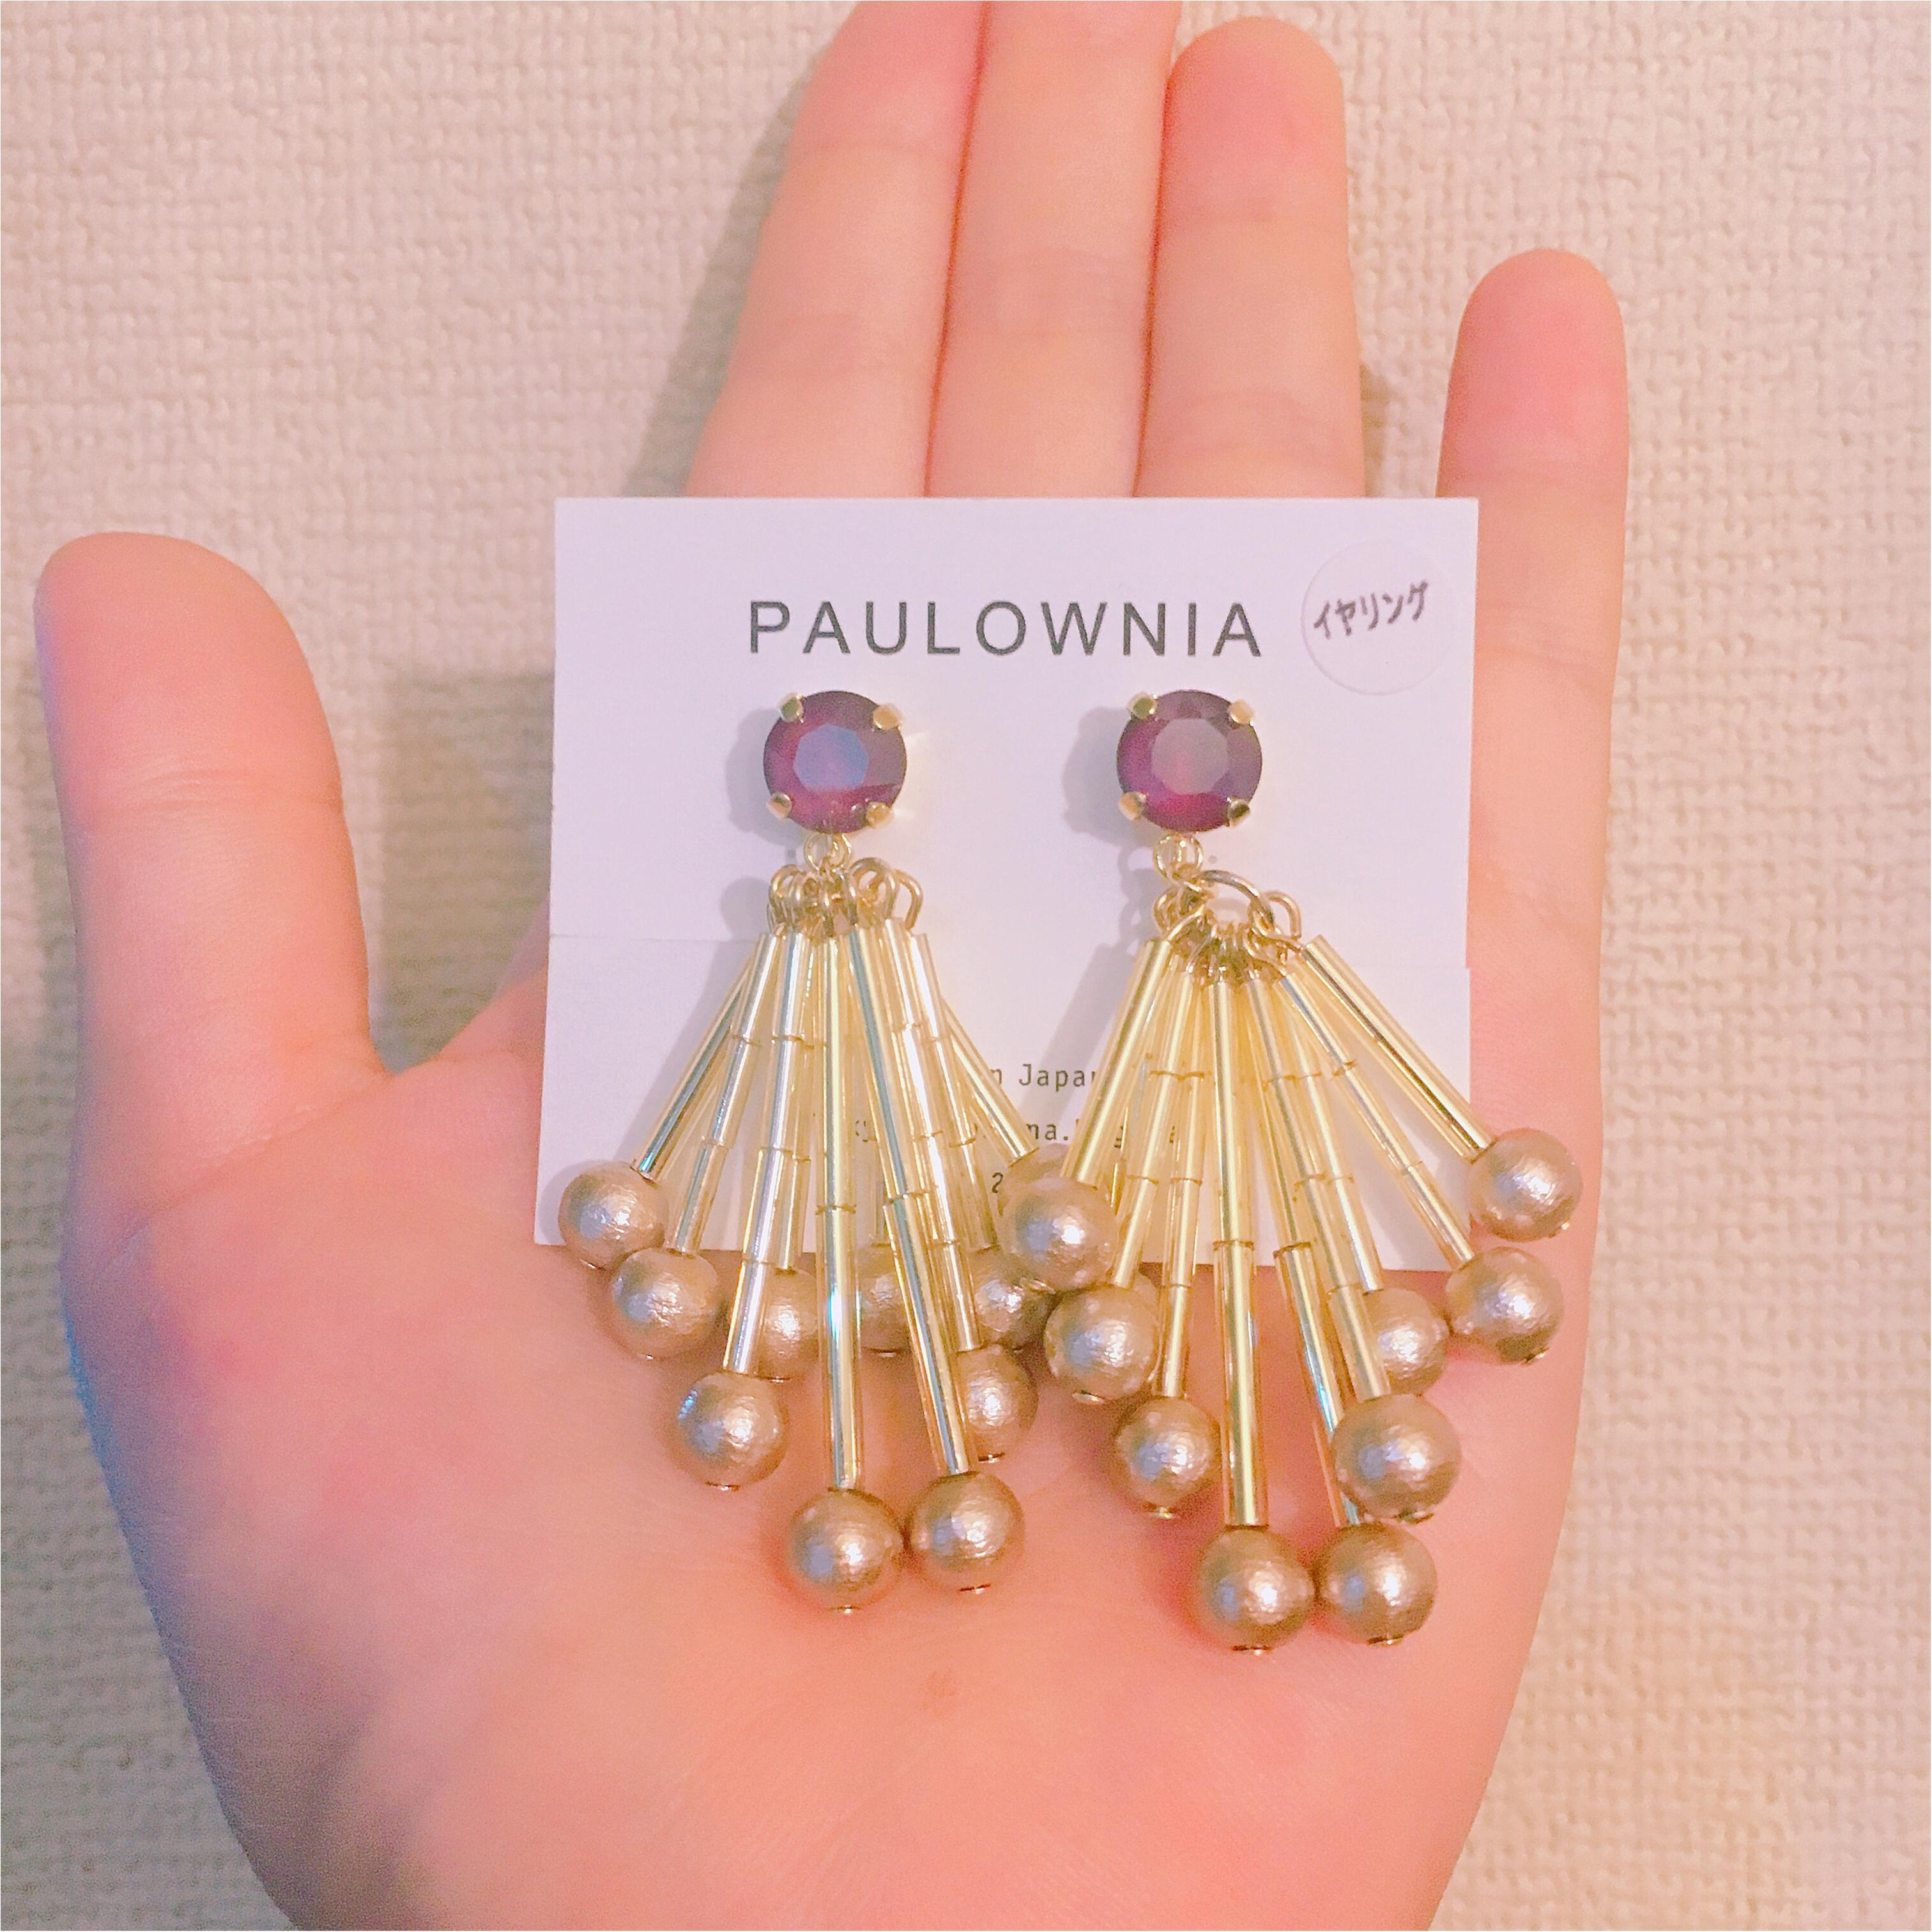 【大ぶりイヤリング】年末年始のイベントにもぴったり!paulowniaさんのイヤリング『スワロフリンジ』がかわいい♡♡_3